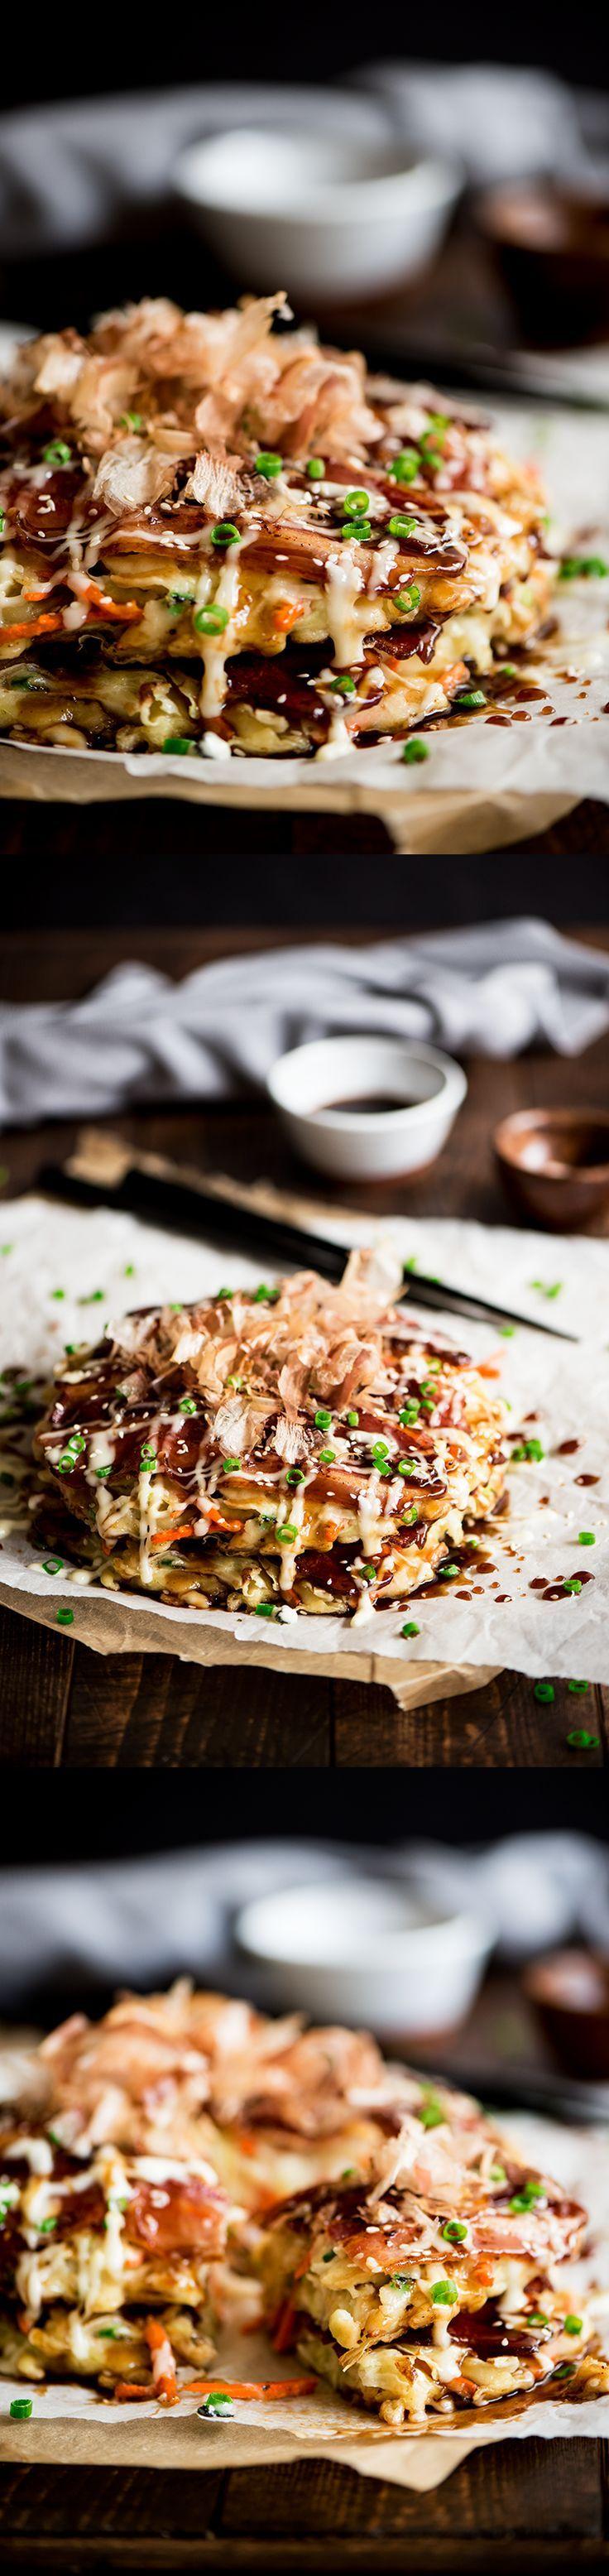 440 best japanese food and recipes images on pinterest asian okonomiyaki savory japanese pancake okonomiyaki sauceasian food recipesasian forumfinder Images